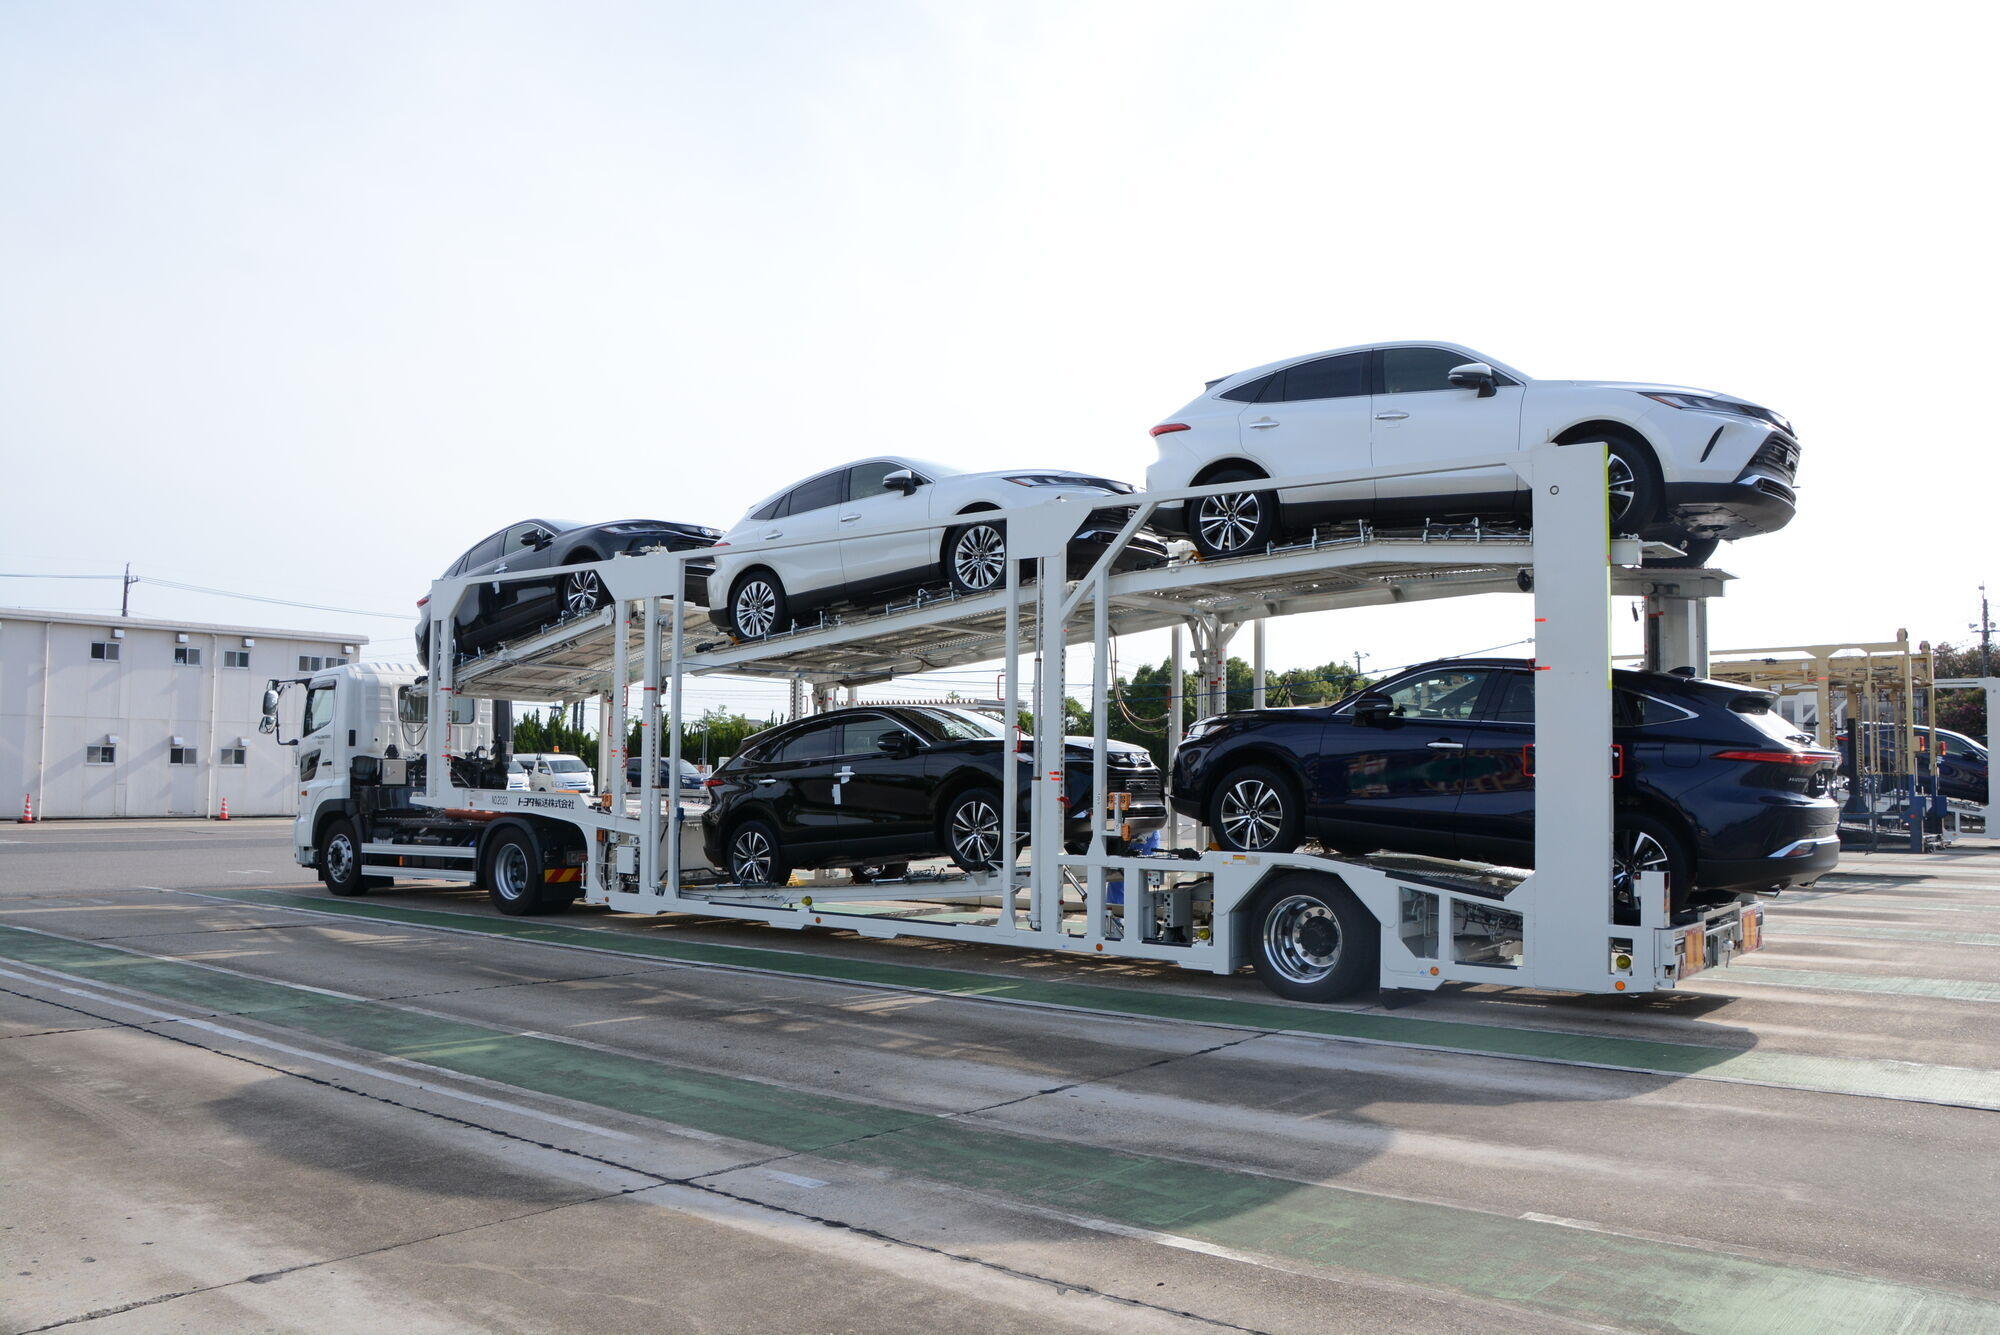 Компания Toyota реализовала в 2020 году 9,53 млн автомобилей